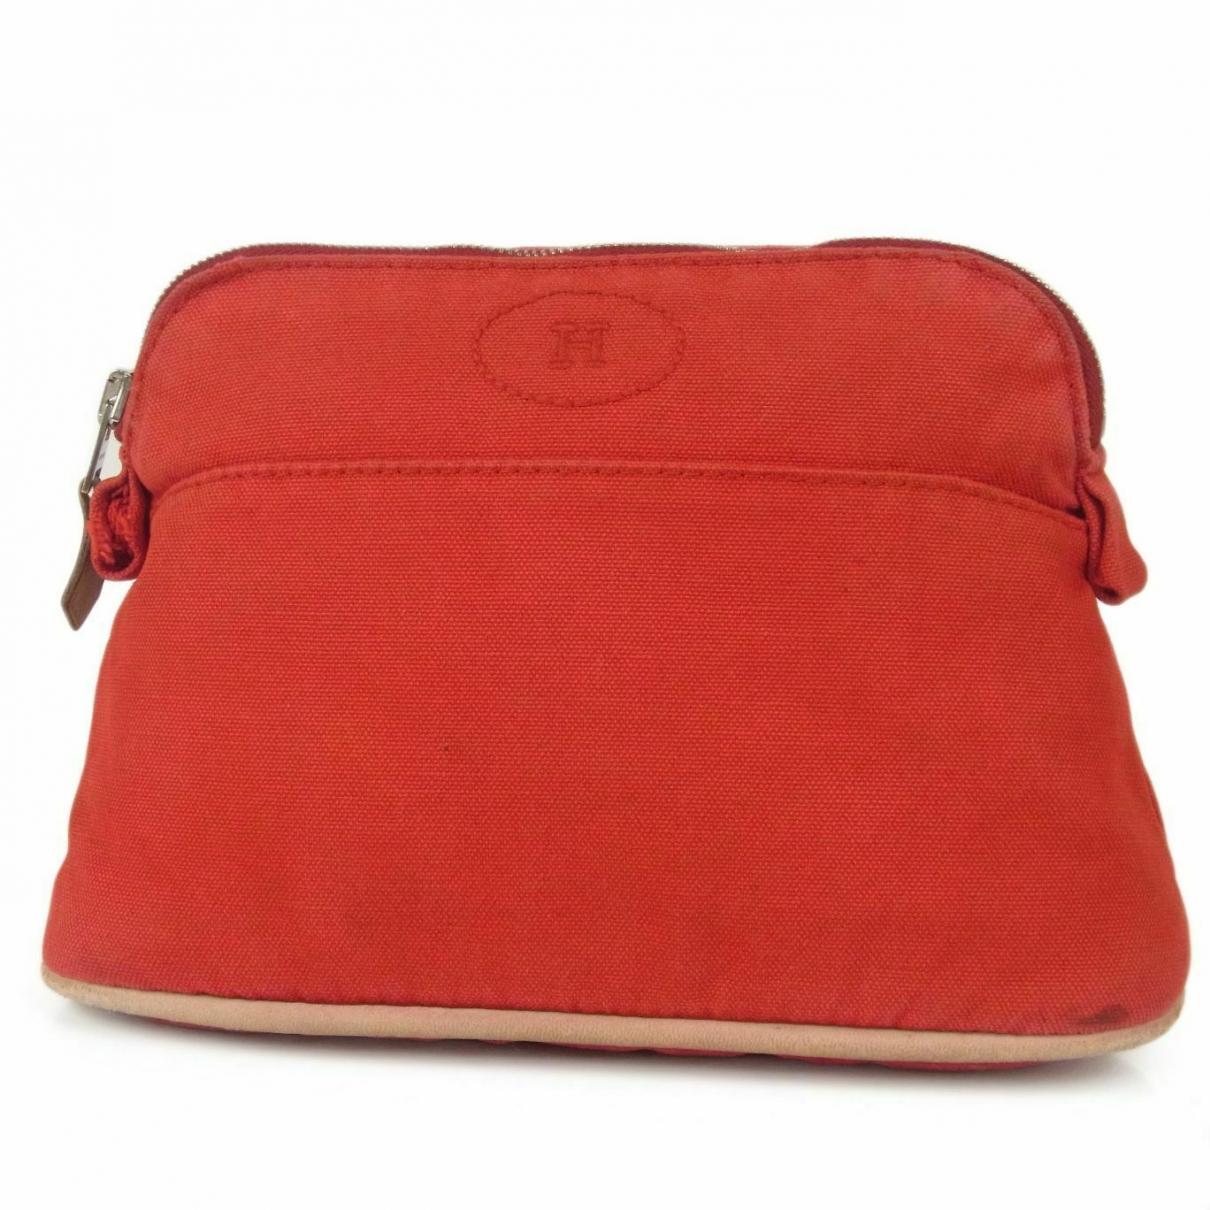 Hermes \N Kleinlederwaren in  Rot Baumwolle